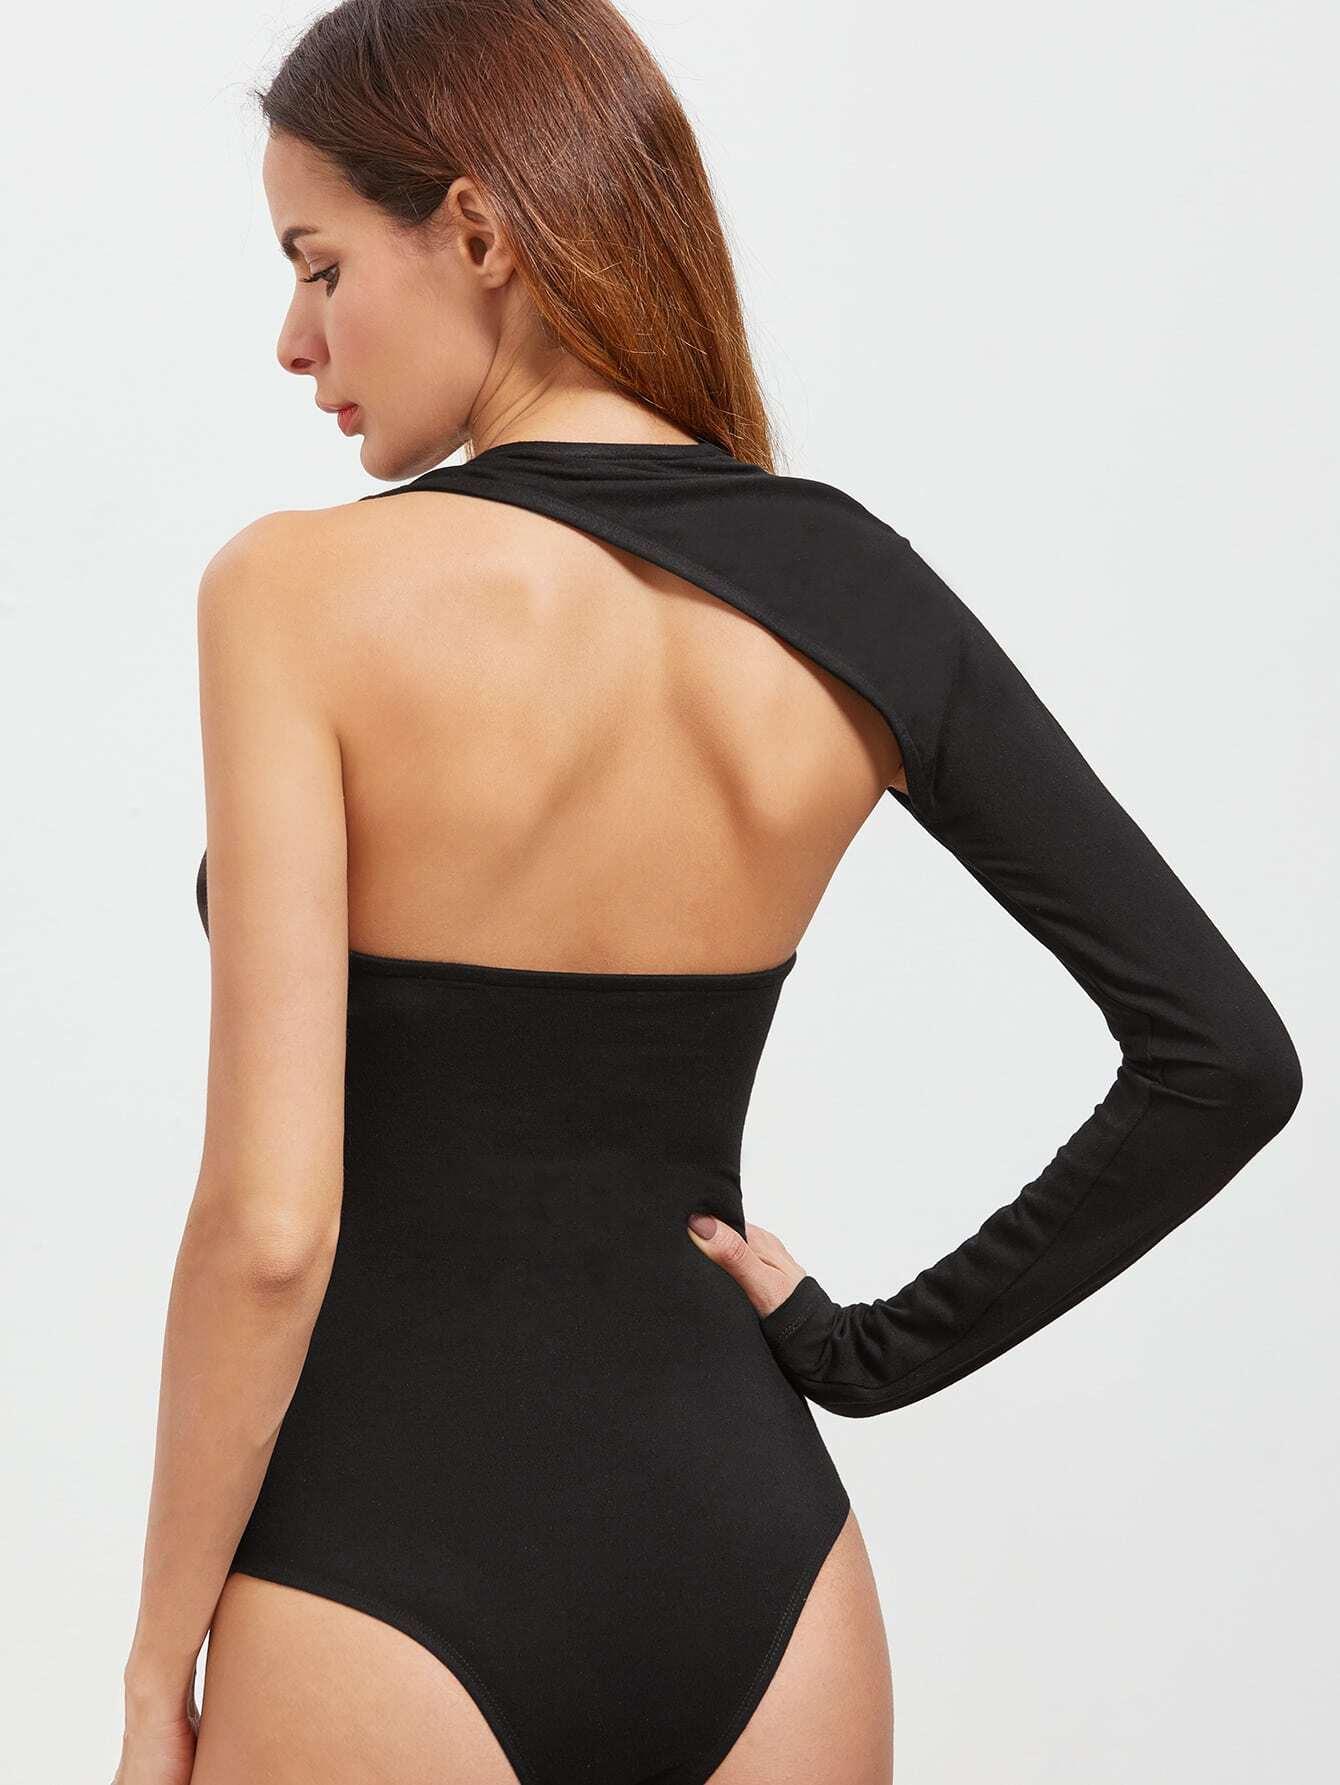 bodysuit161227704_2